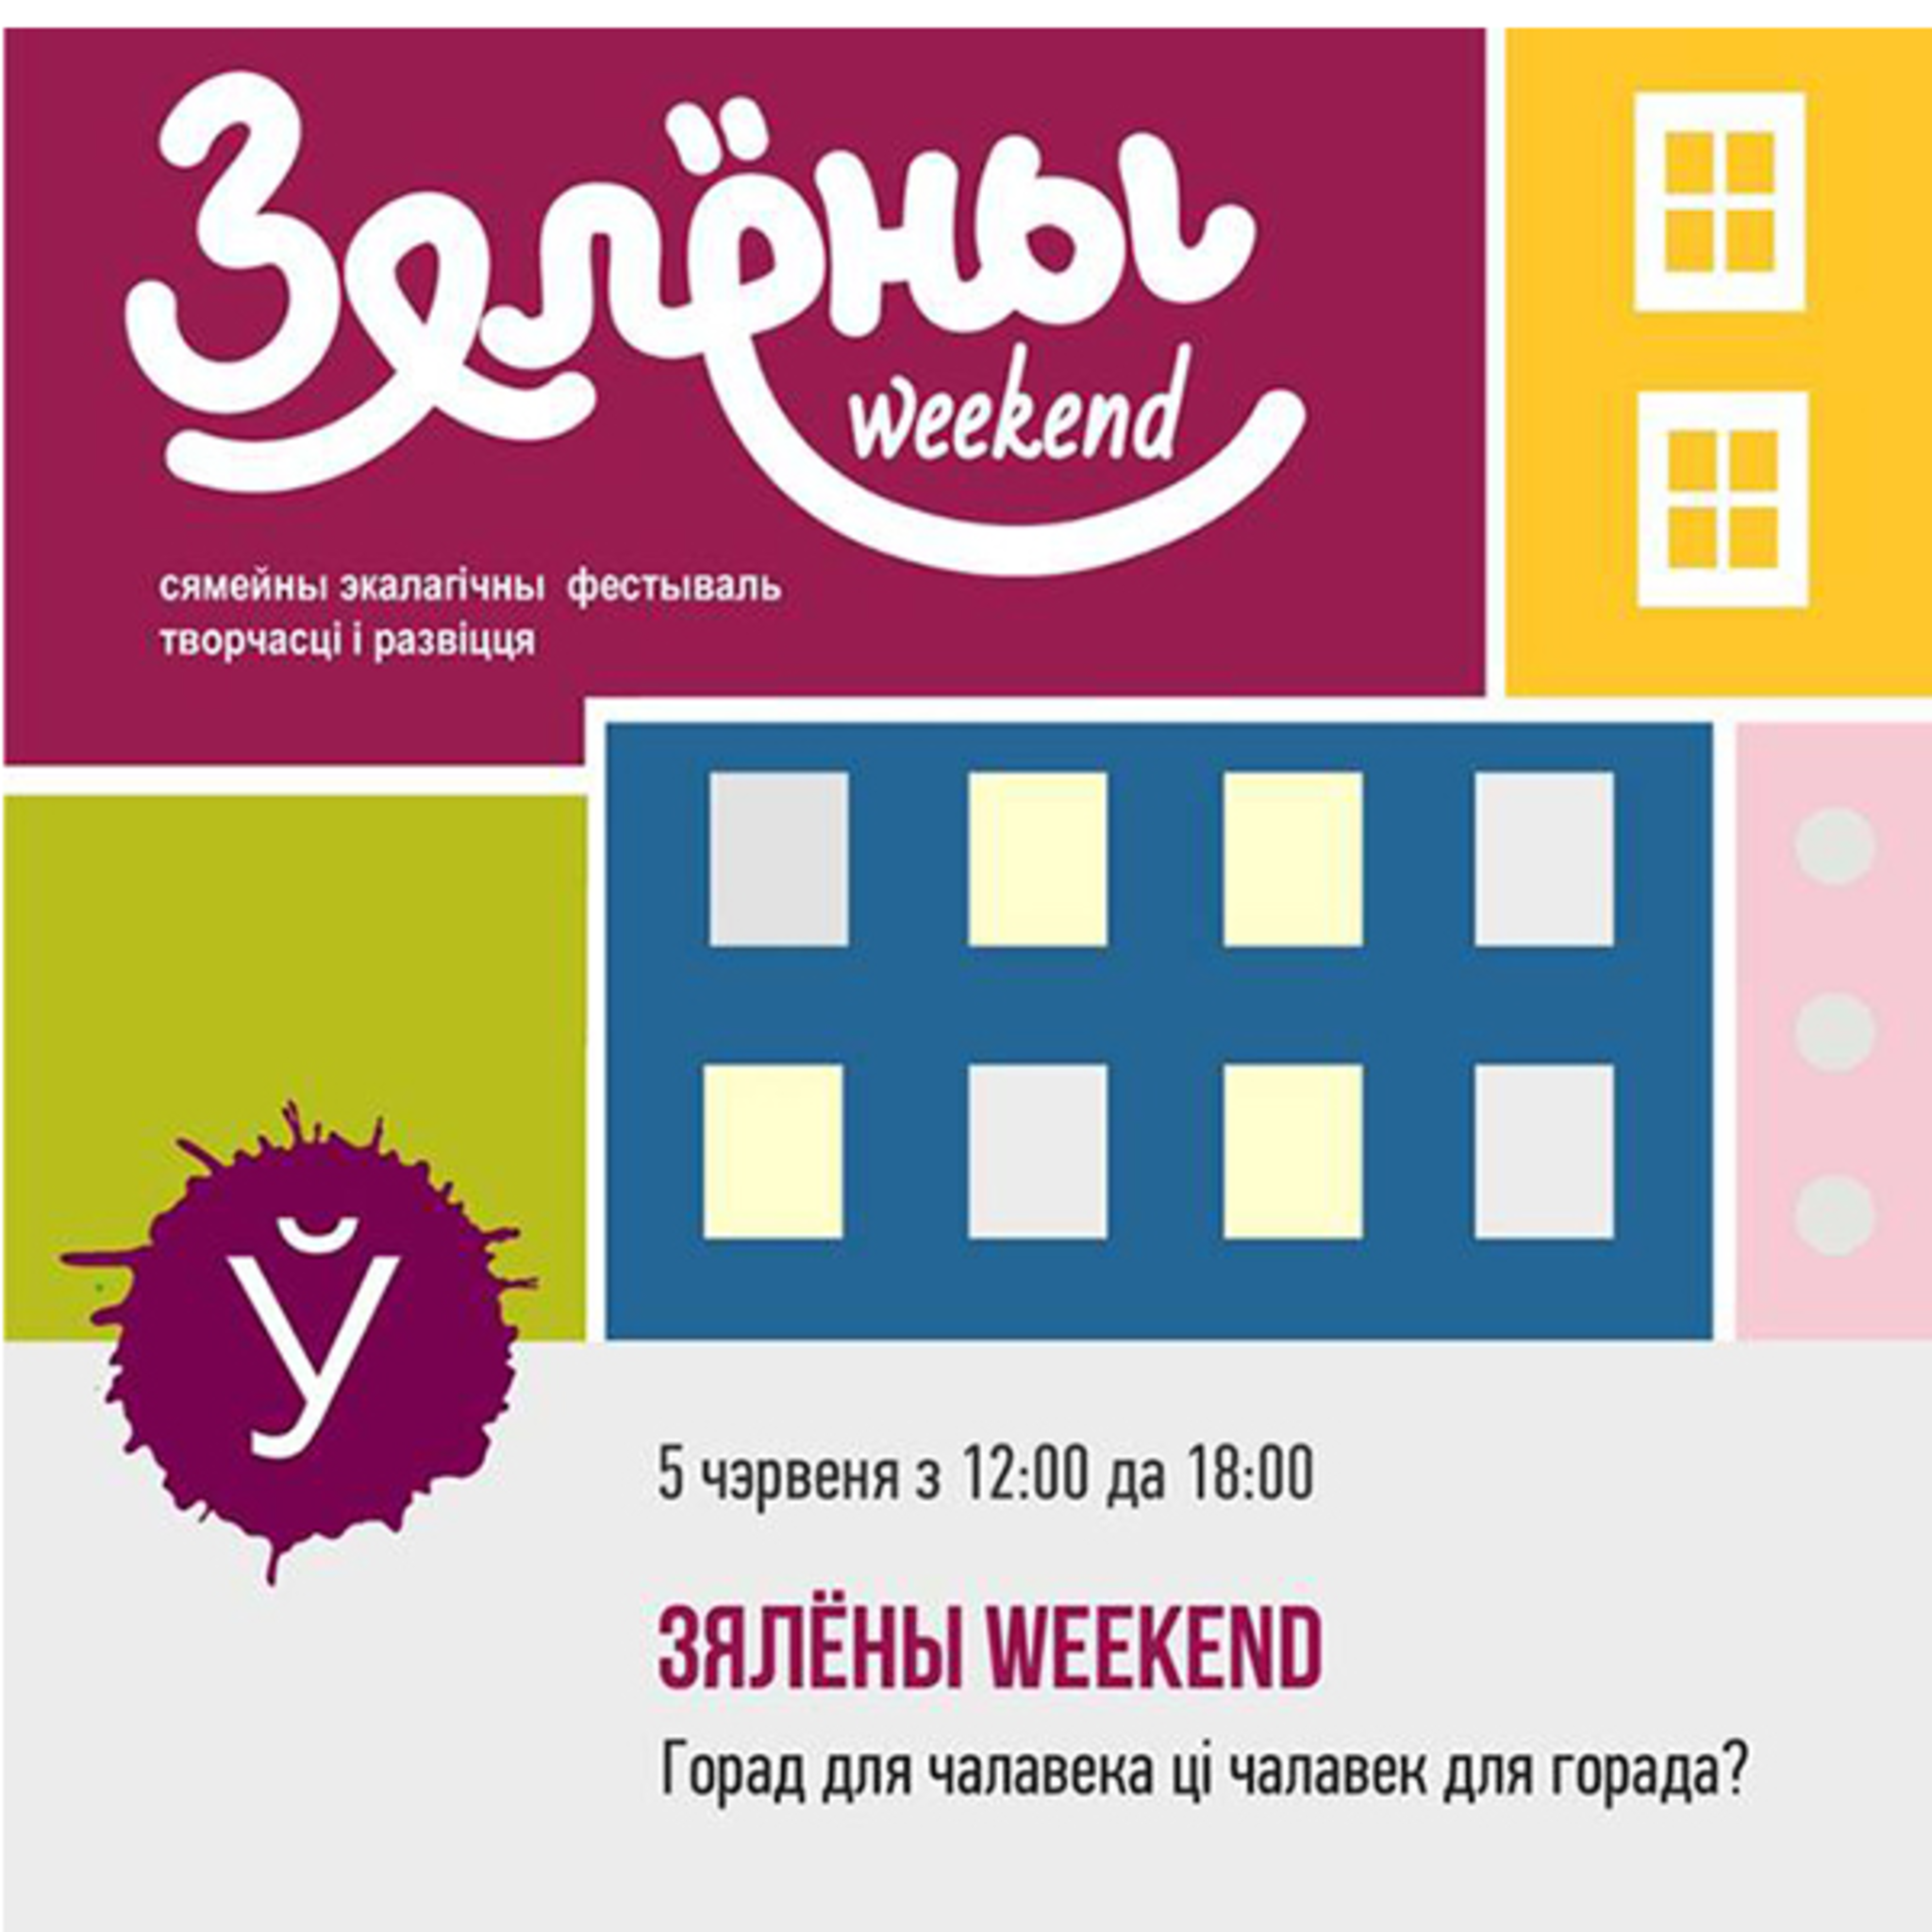 Эко-фестиваль «Зеленый weekend»